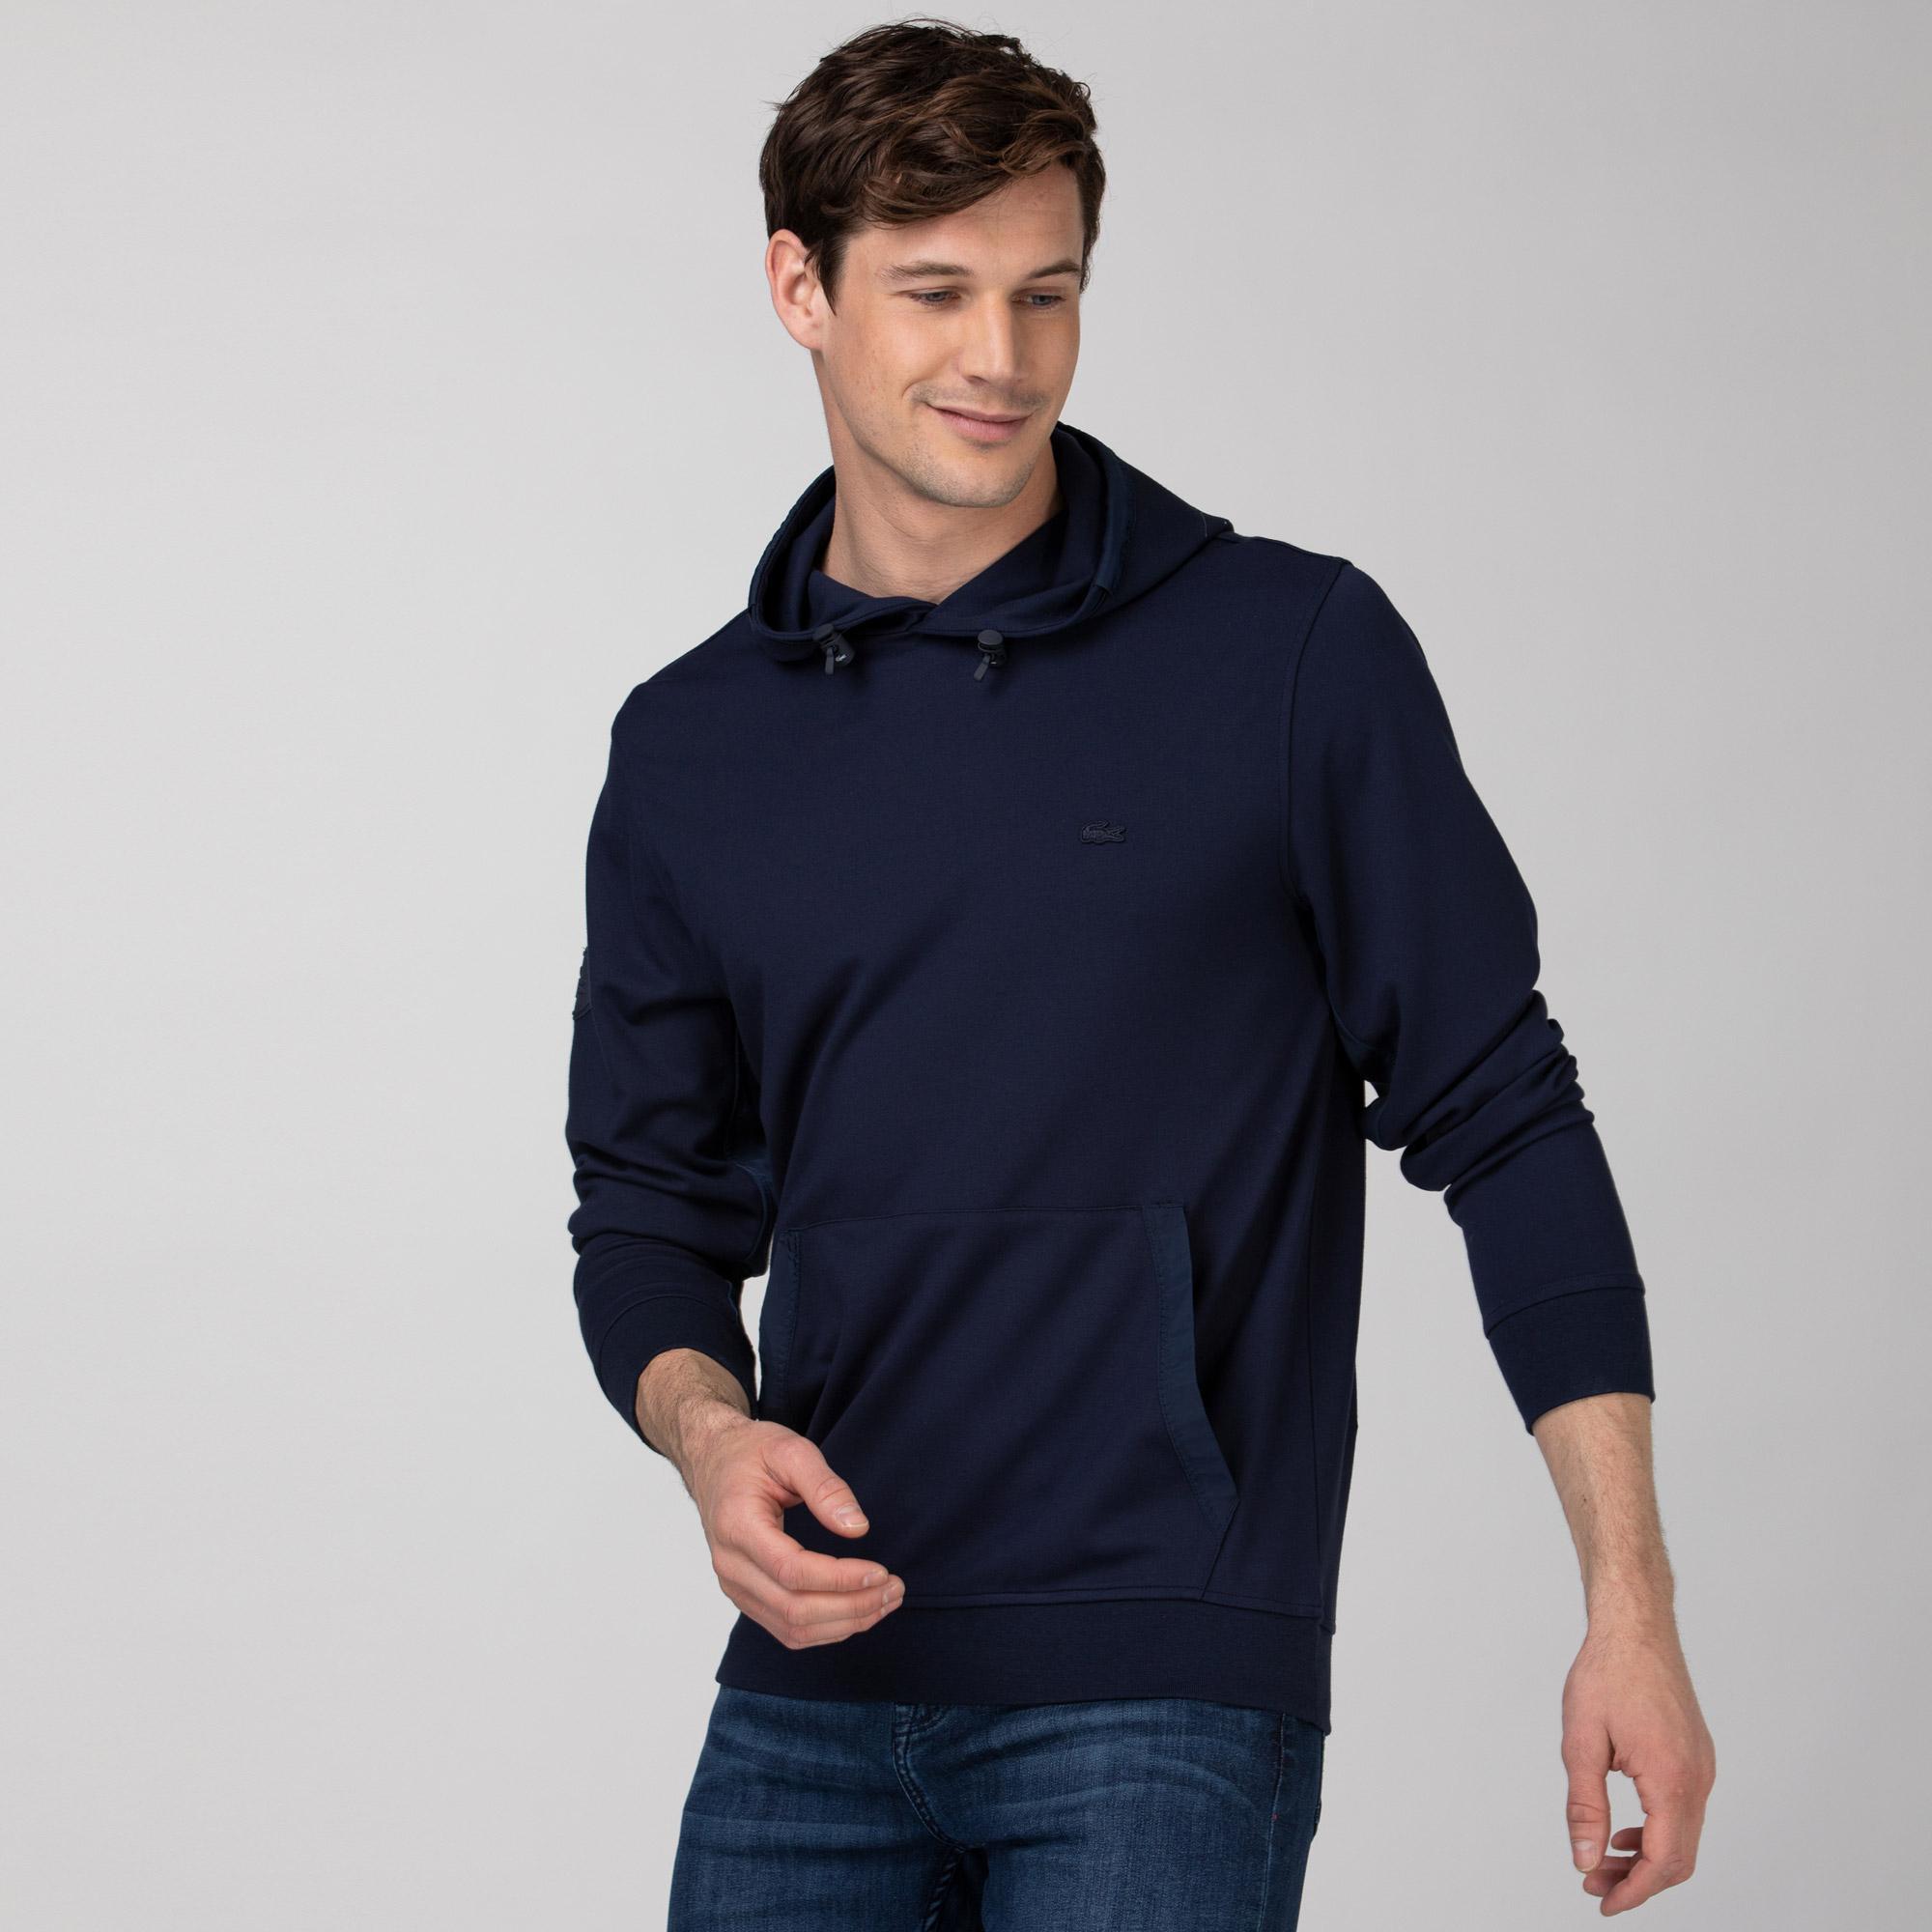 Lacoste Erkek Kapüşonlu Baskılı Lacivert Sweatshirt